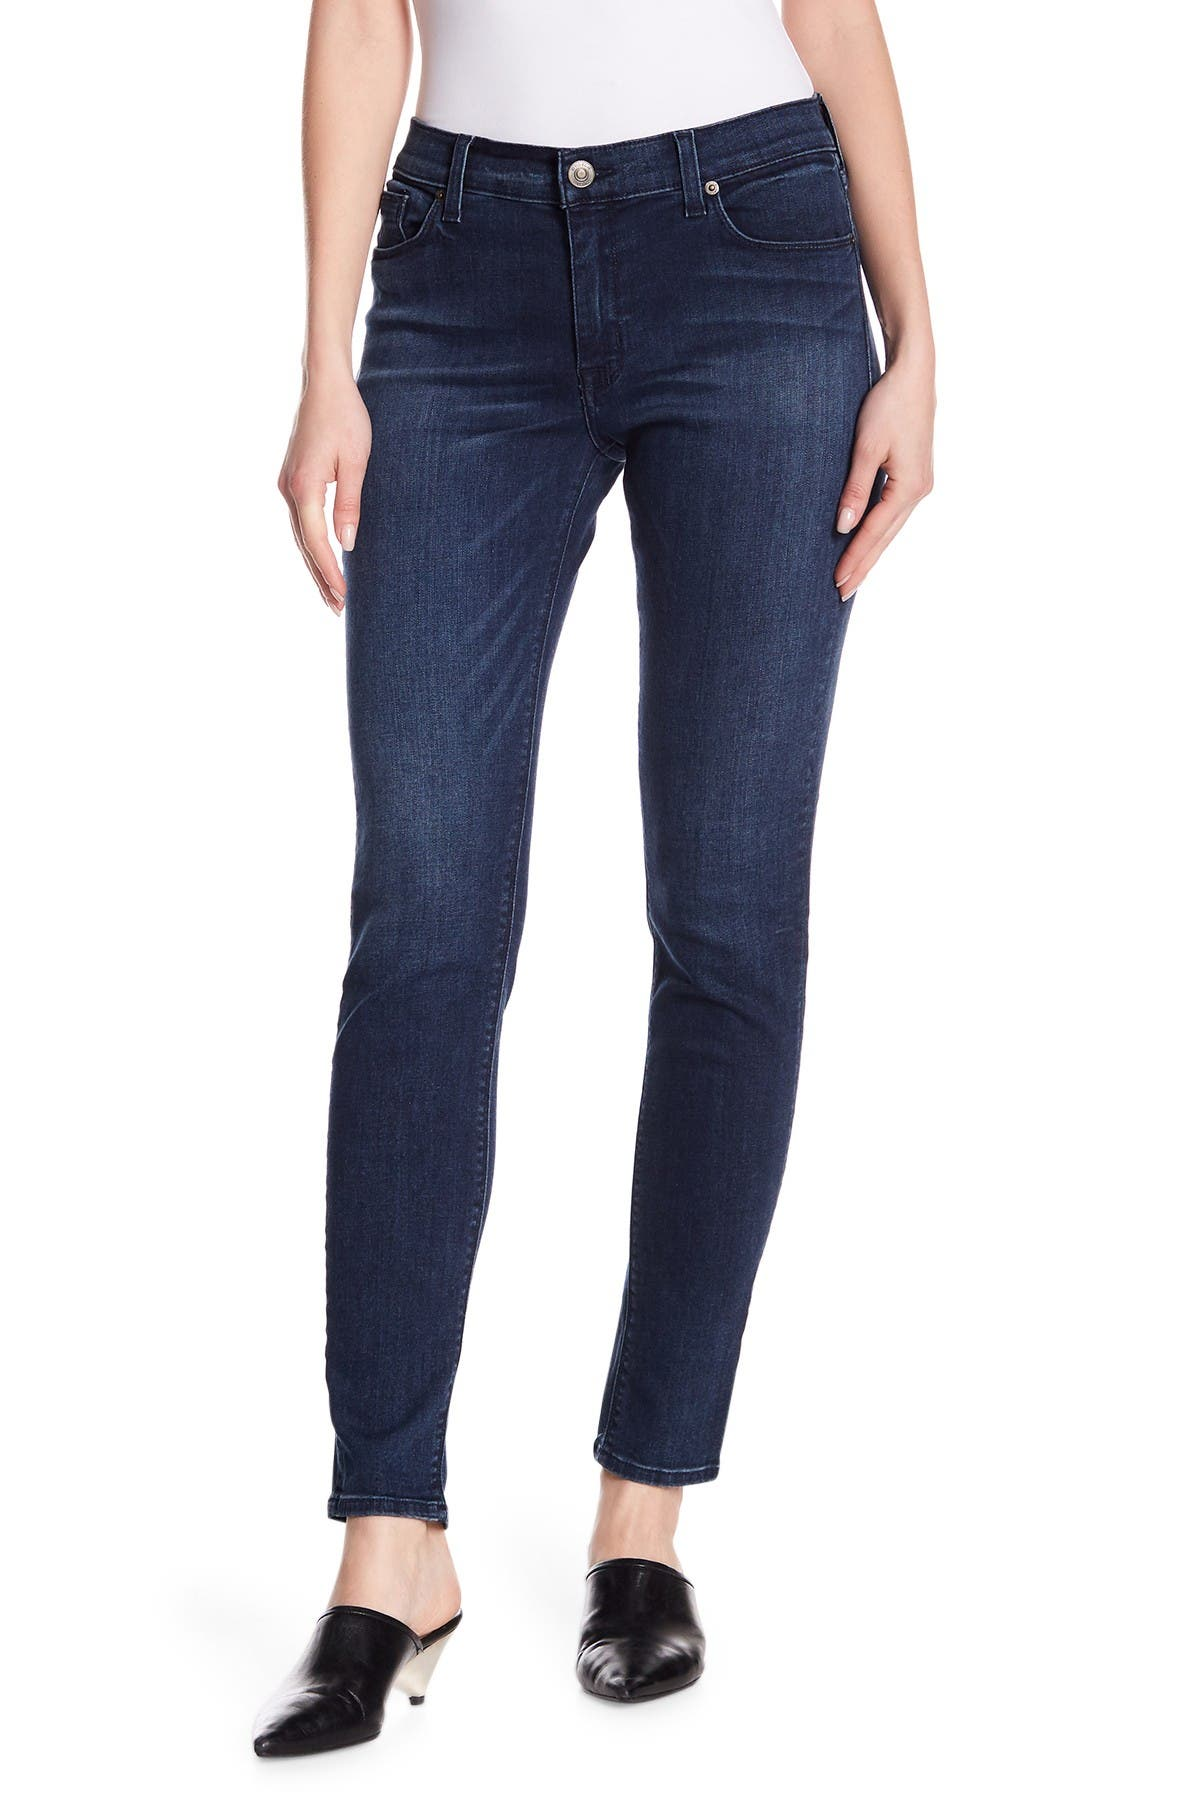 Image of HUDSON Jeans Krista Super Skinny Jeans